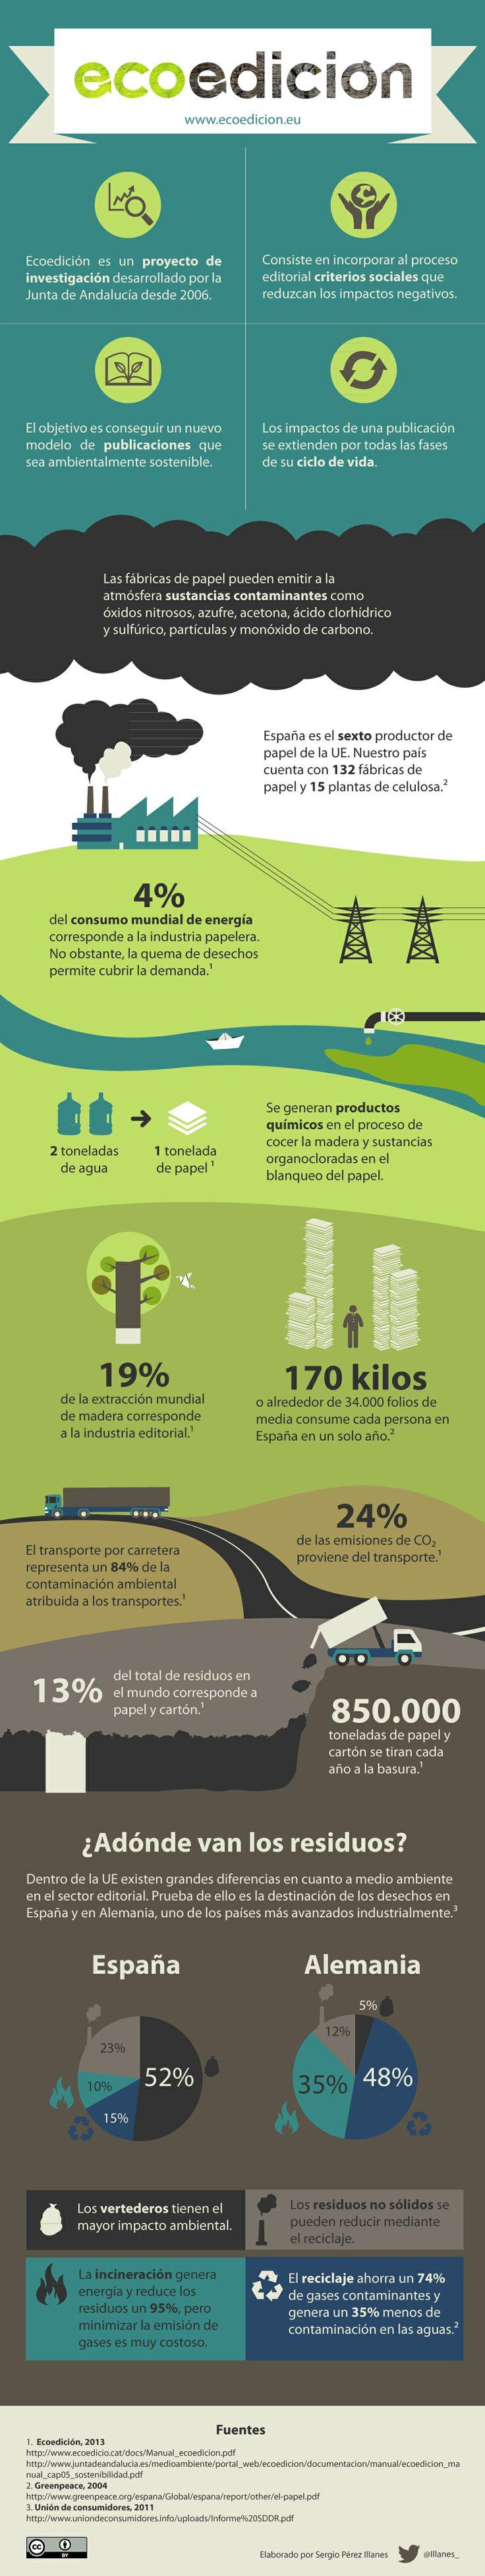 Póster digital sobre el proyecto Ecoedición. ¿Qué impacto tiene la industria editorial sobre el medio ambiente?